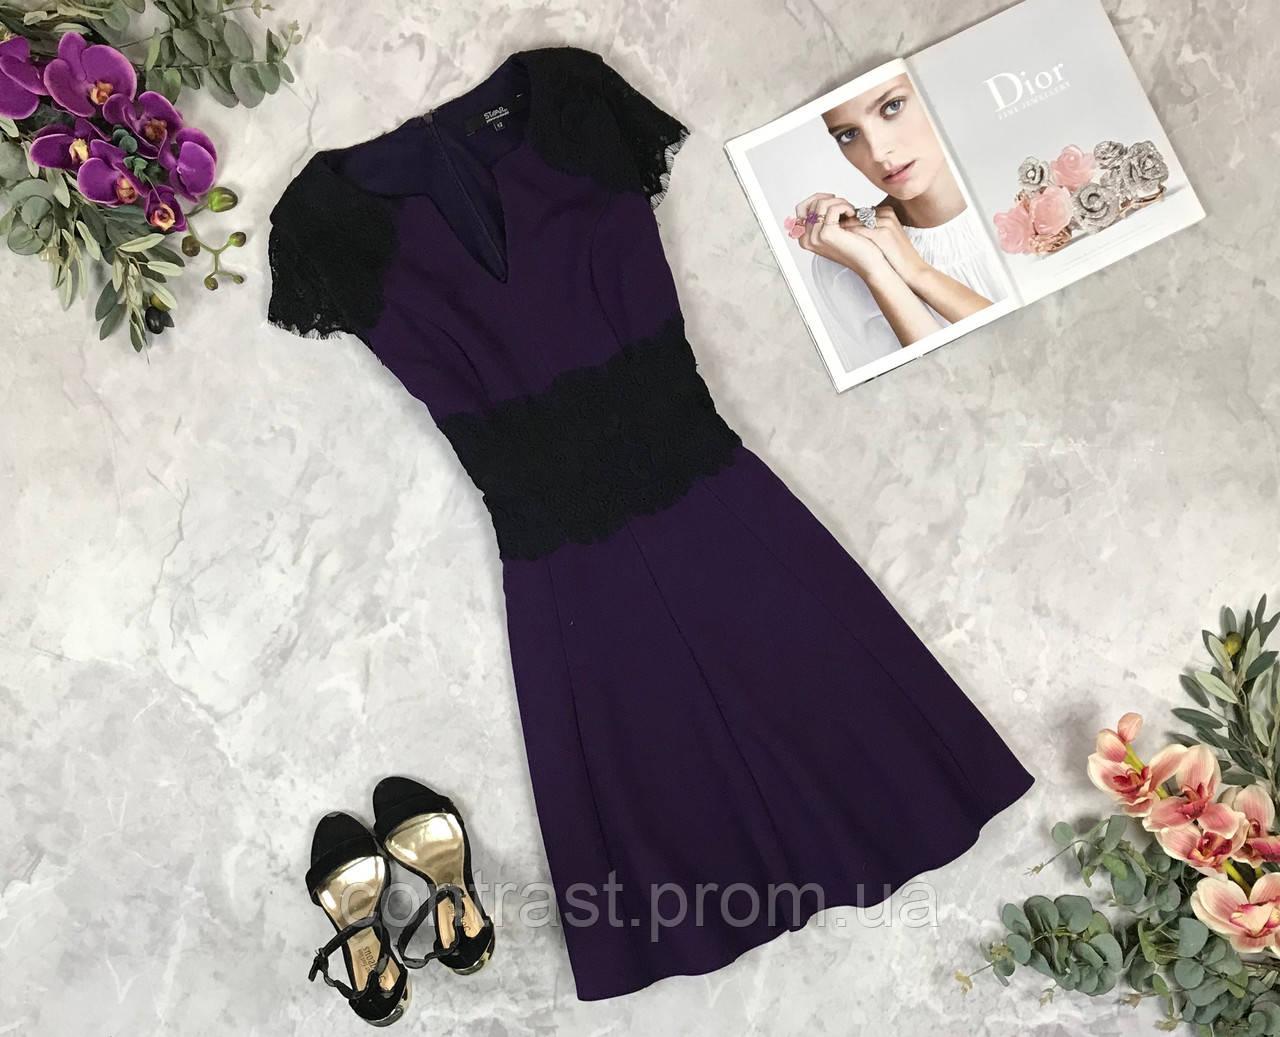 Красивое платье с акцентом на линии талии.  DR1928065